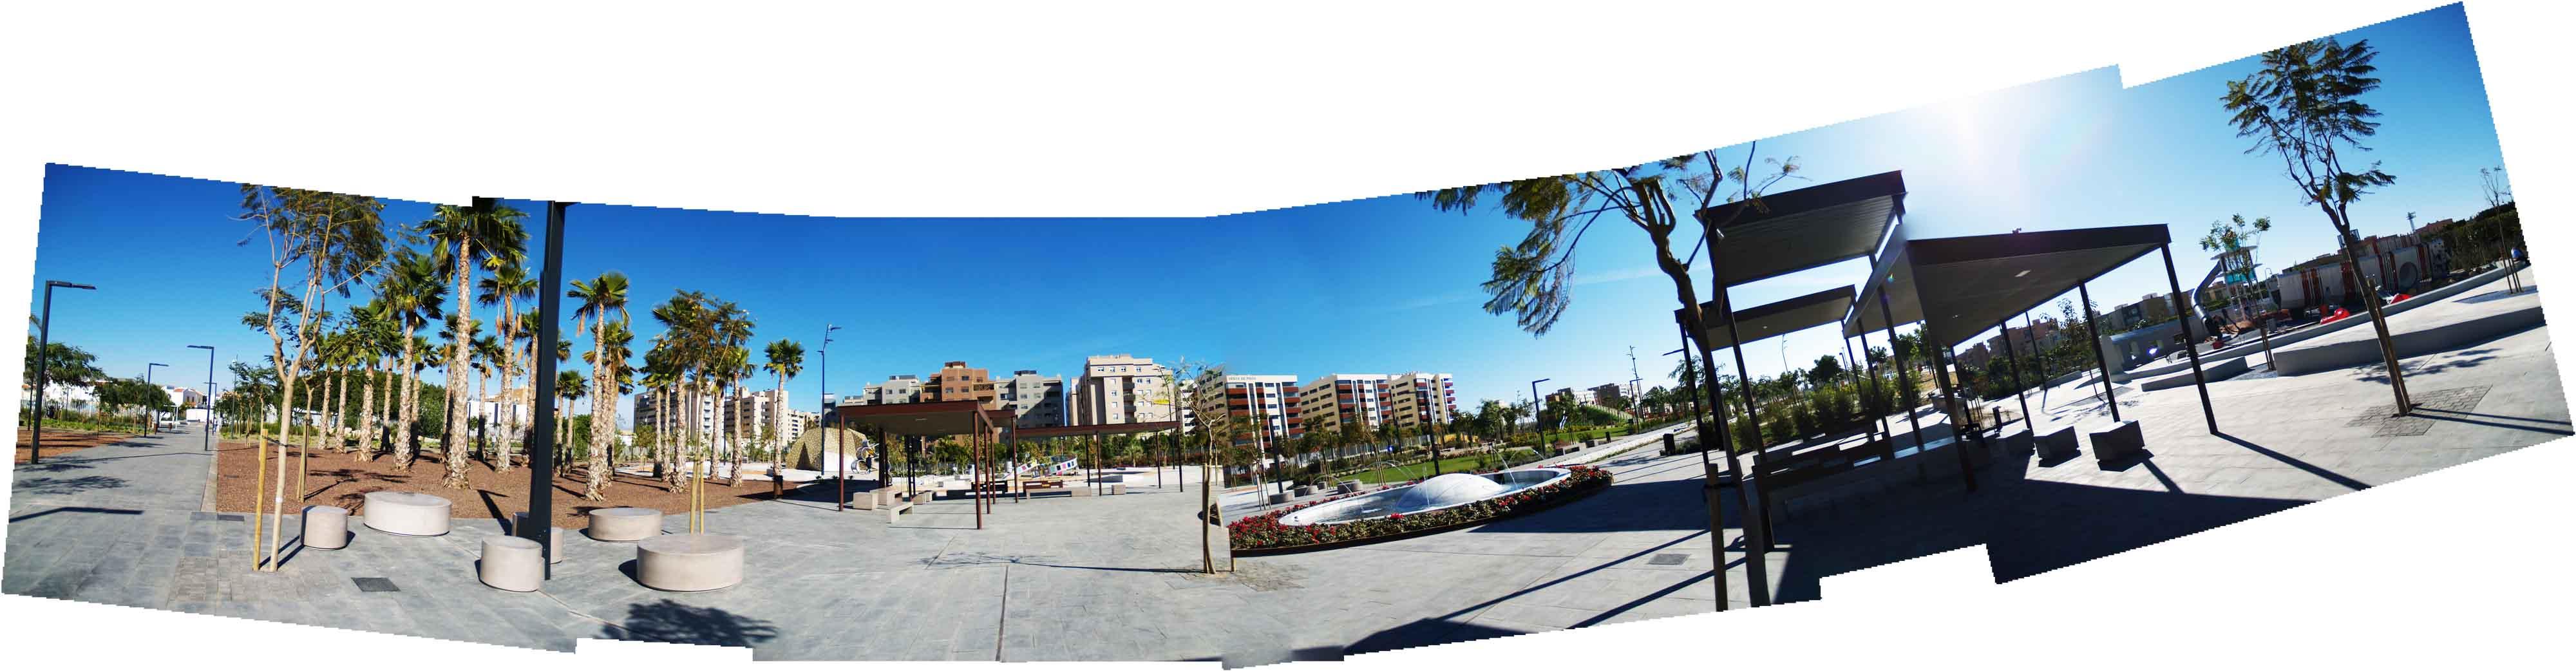 Parque de las Familias Almería